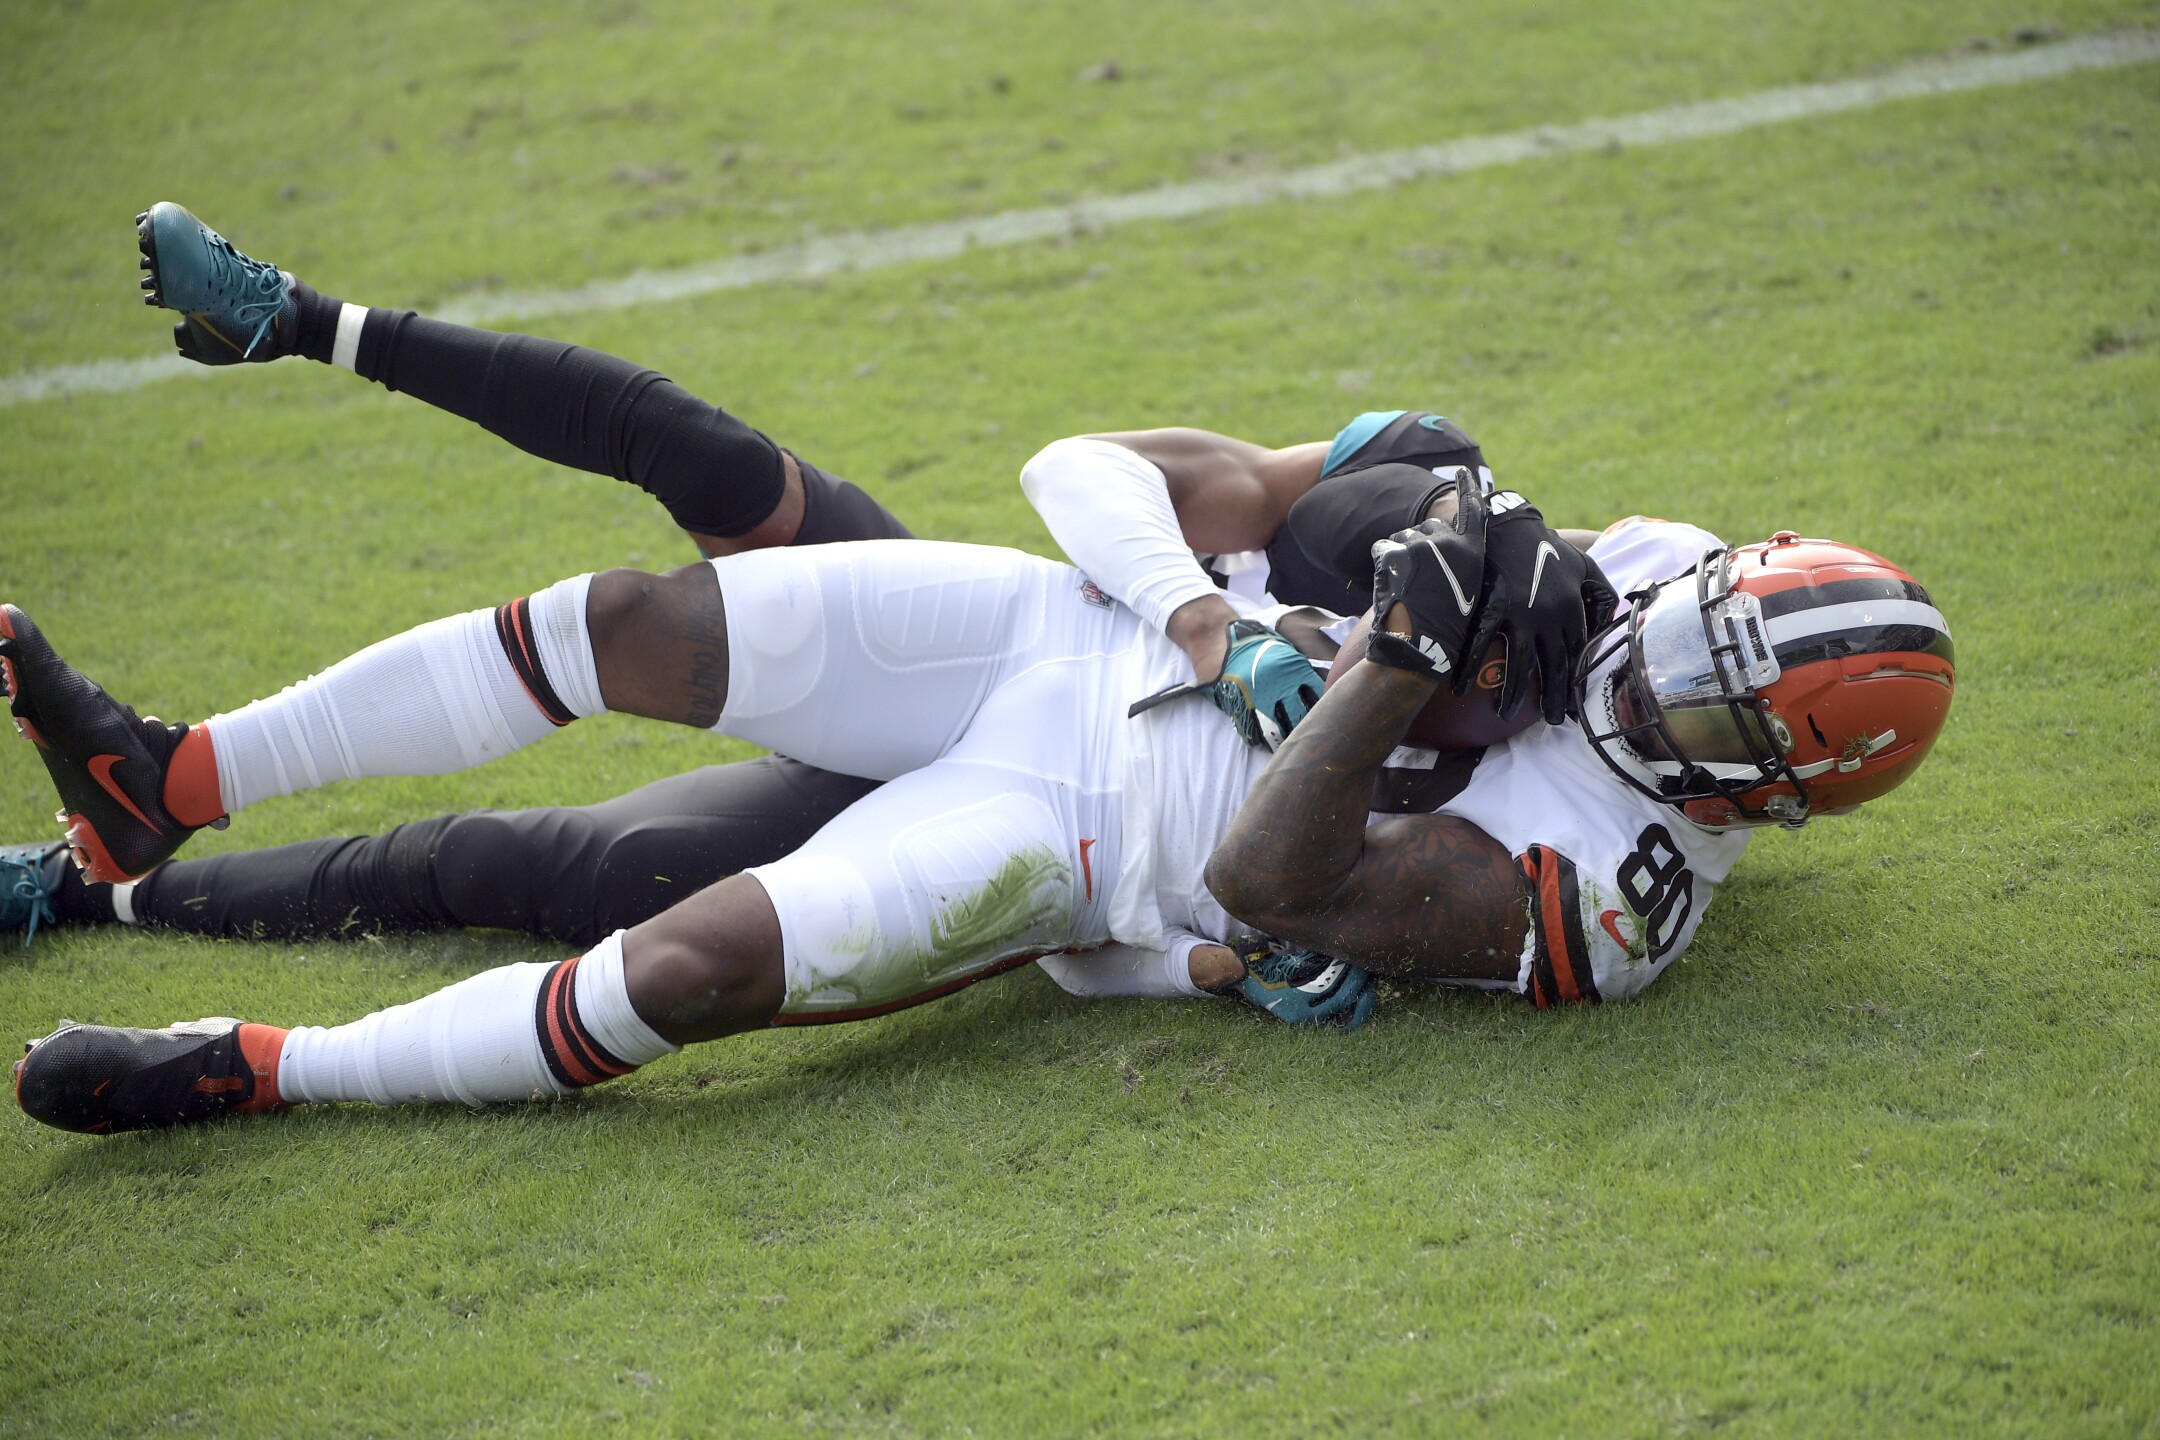 Browns Jaguars Football